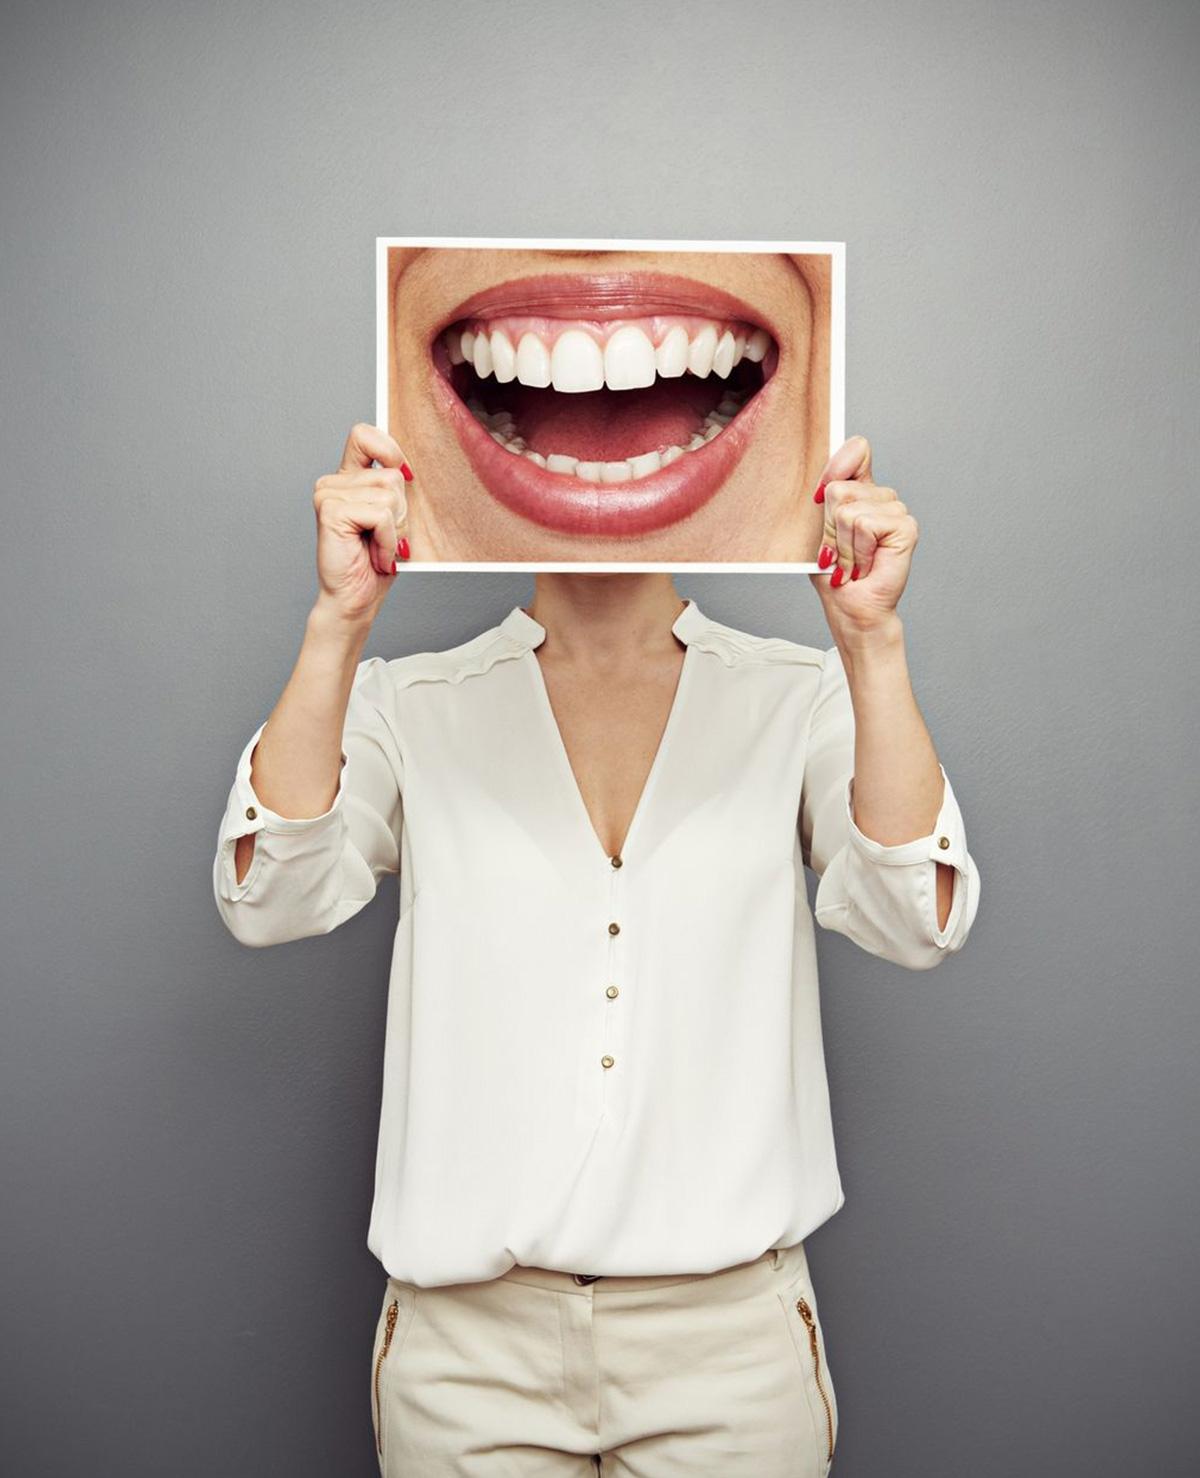 BEWEZEN: Mensen met een donker gevoel voor humor zijn slimmer